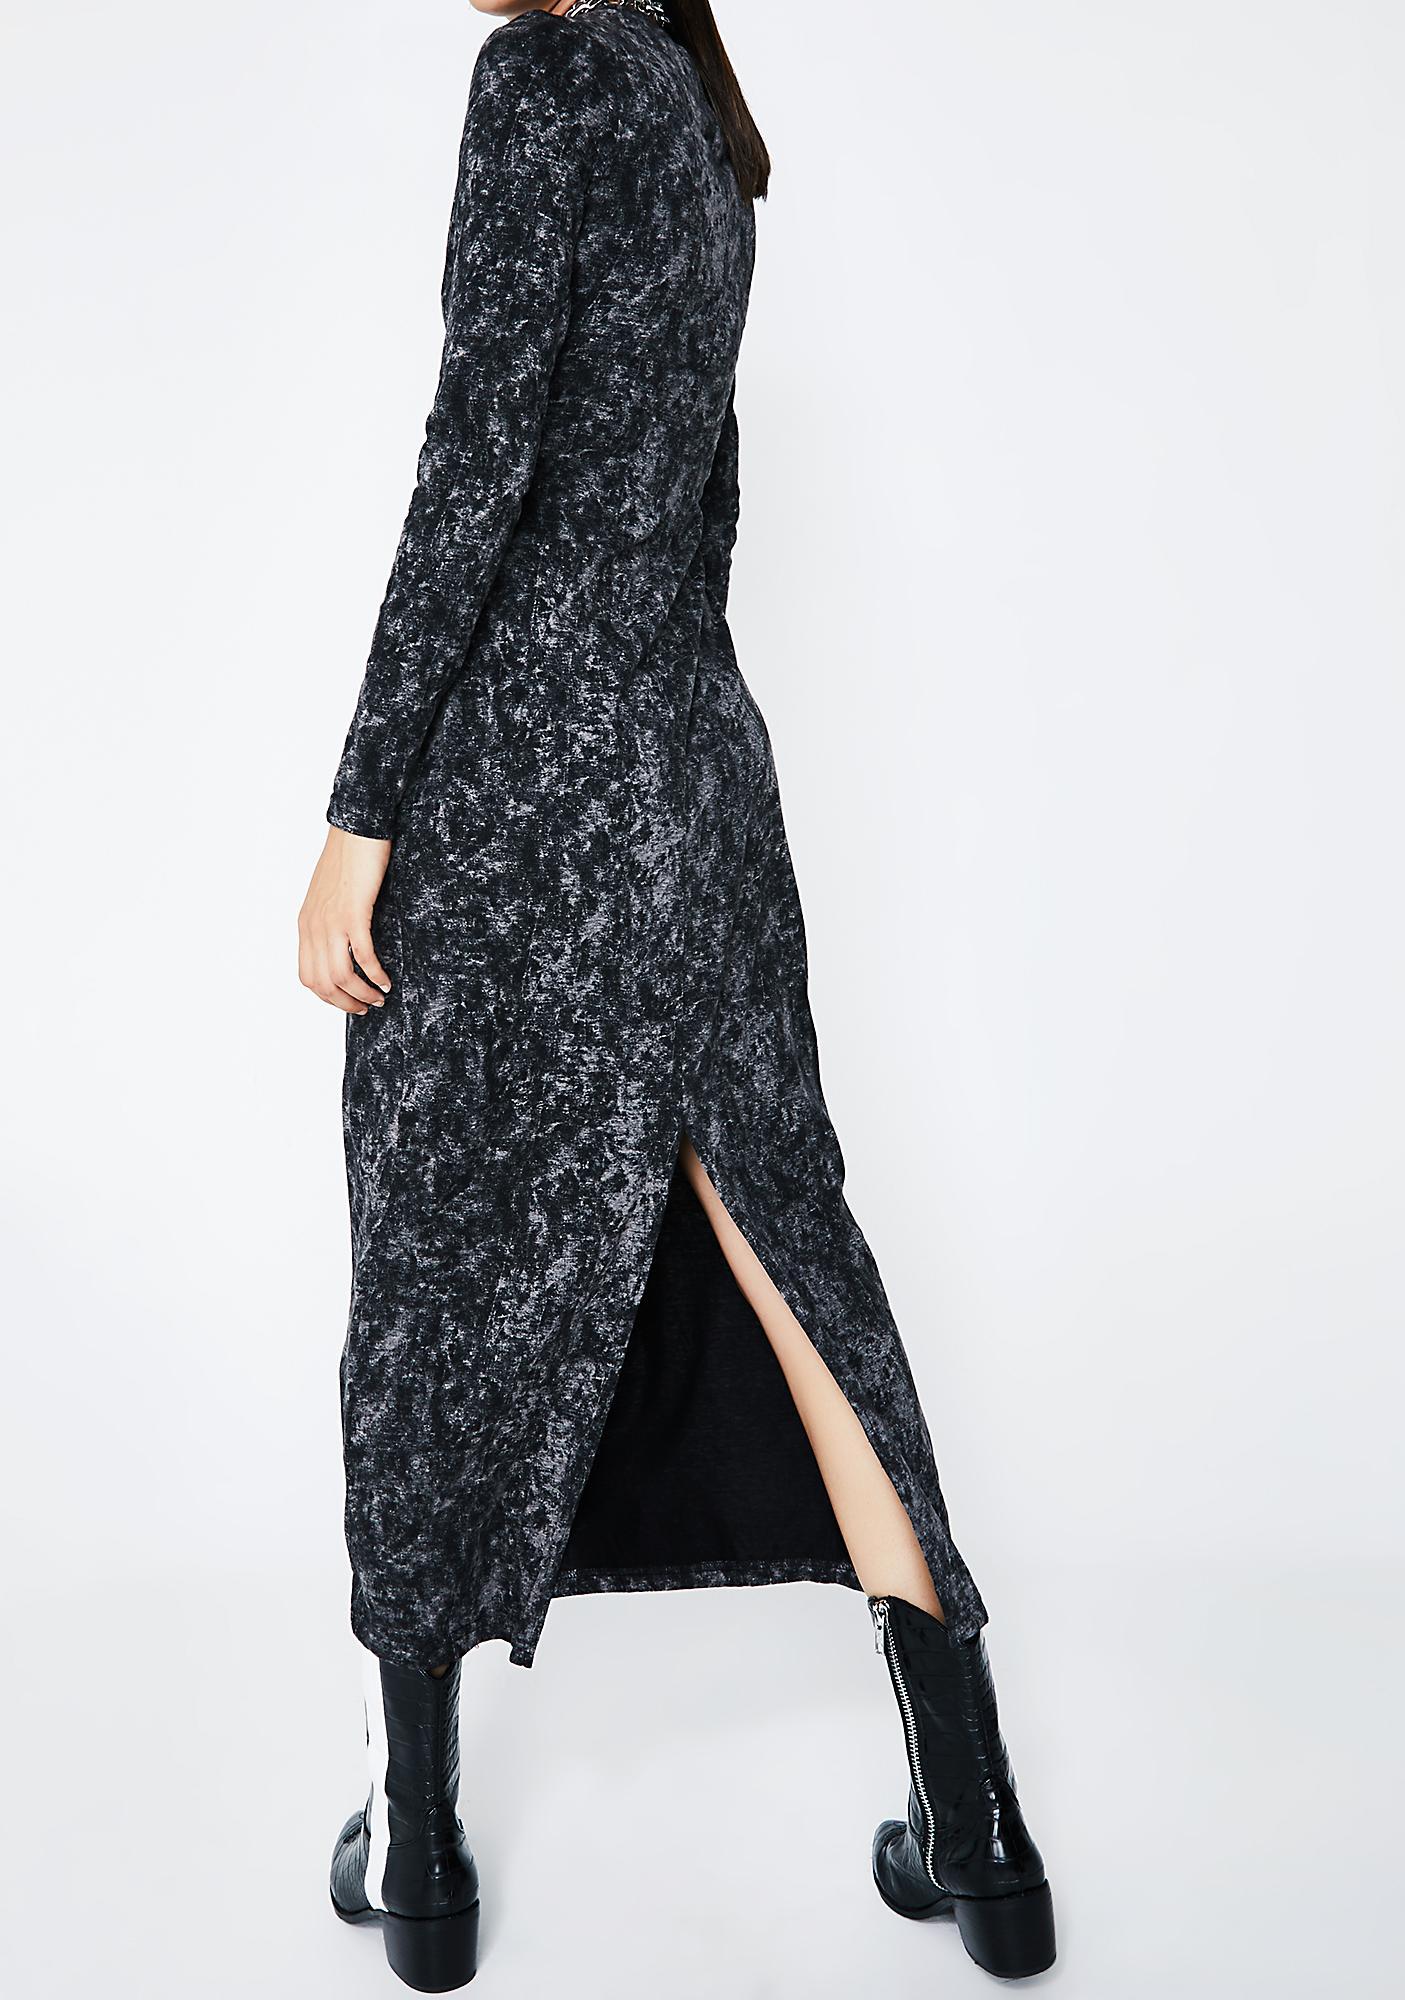 Mixed Emotions Maxi Dress